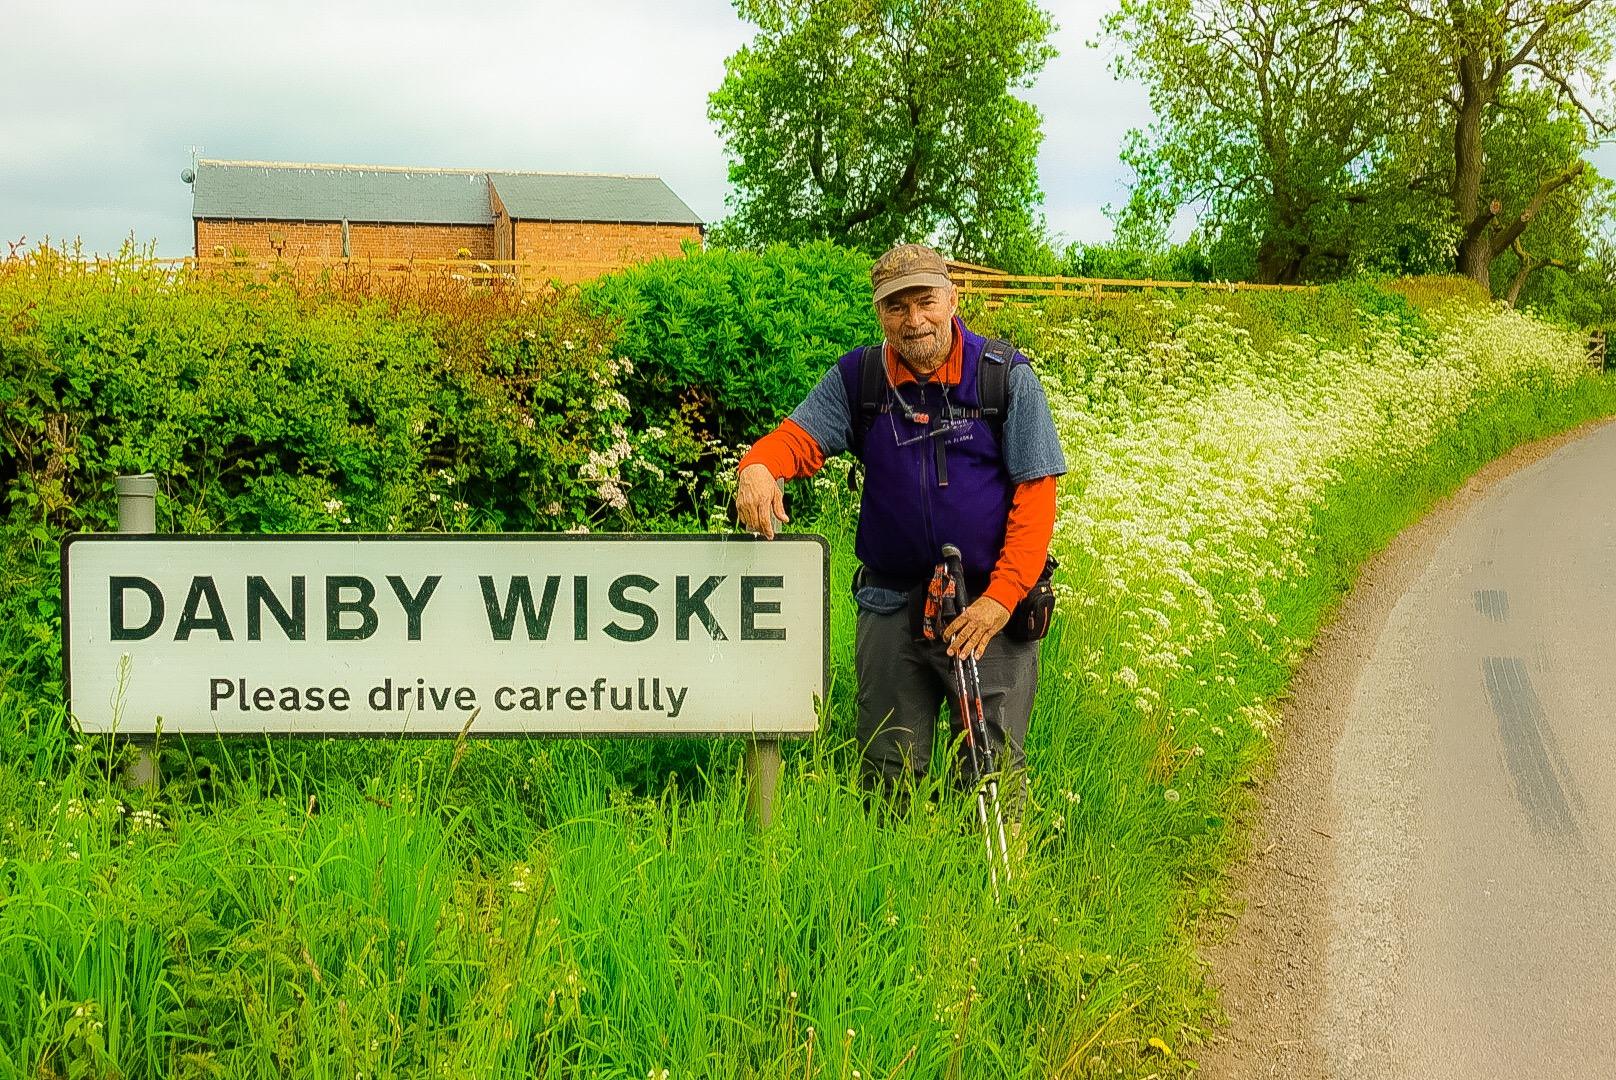 Danby Wiske